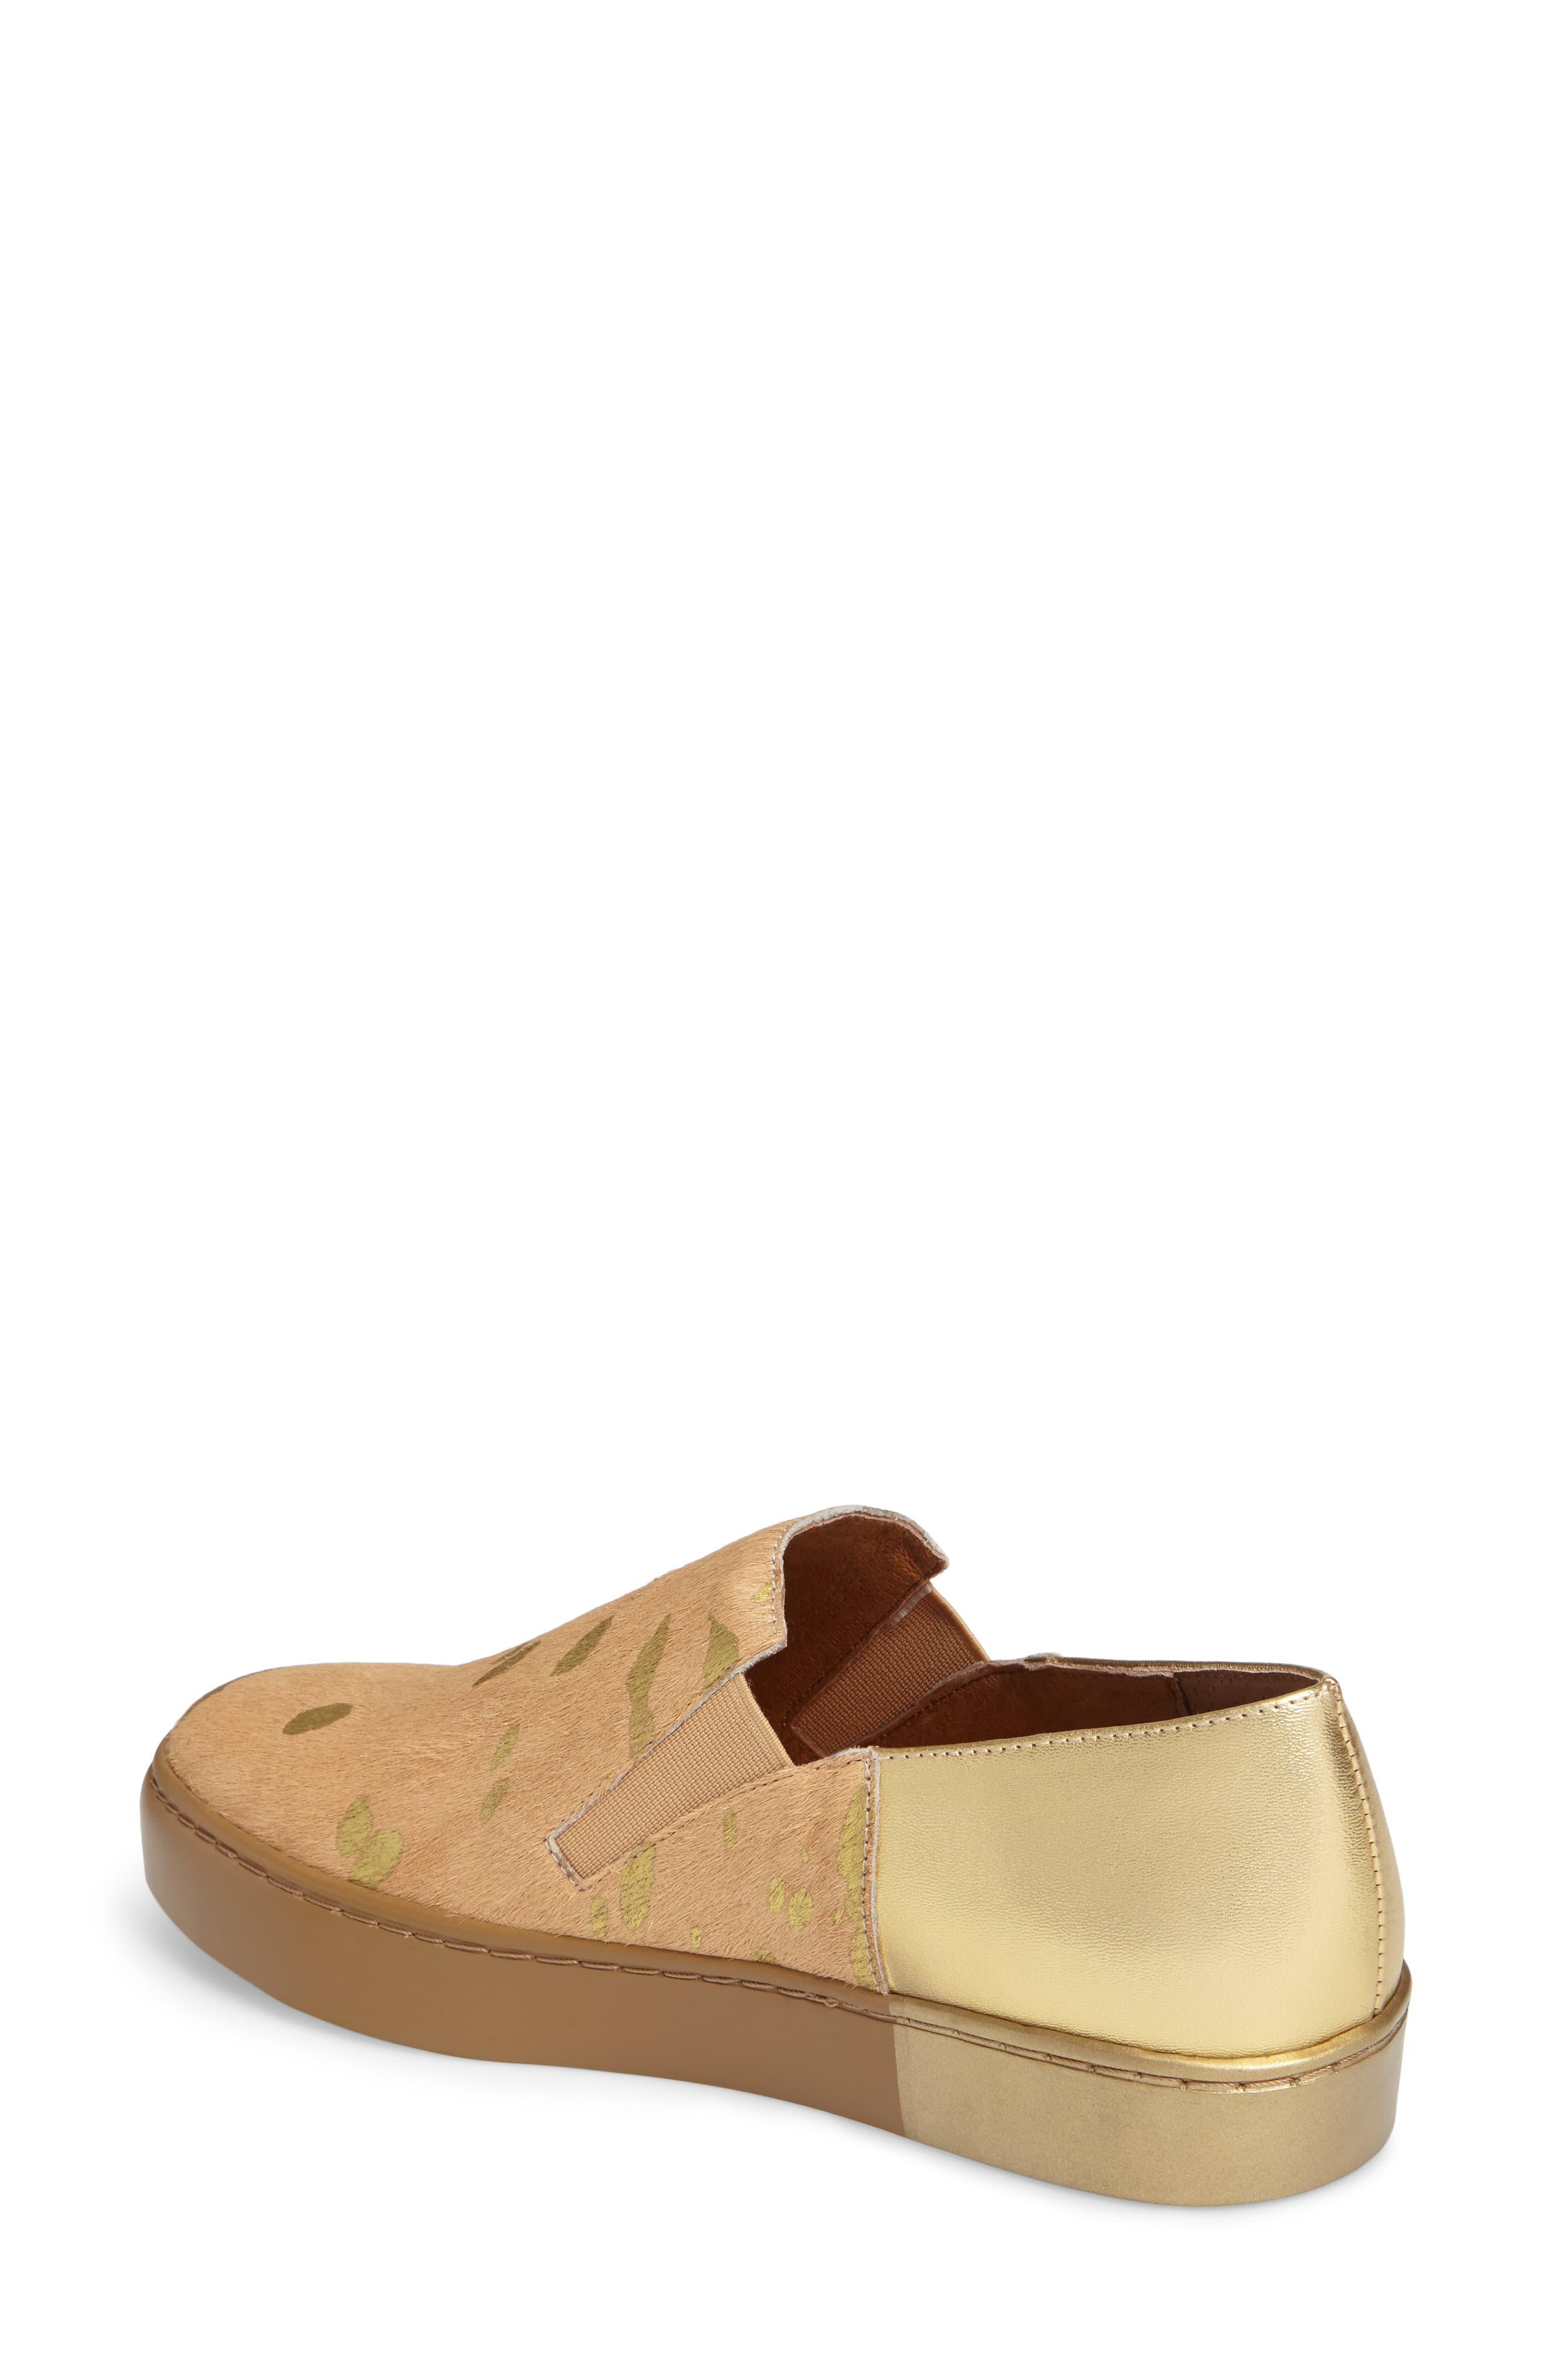 Varsity Slip-On Sneaker,                             Alternate thumbnail 2, color,                             Taupe